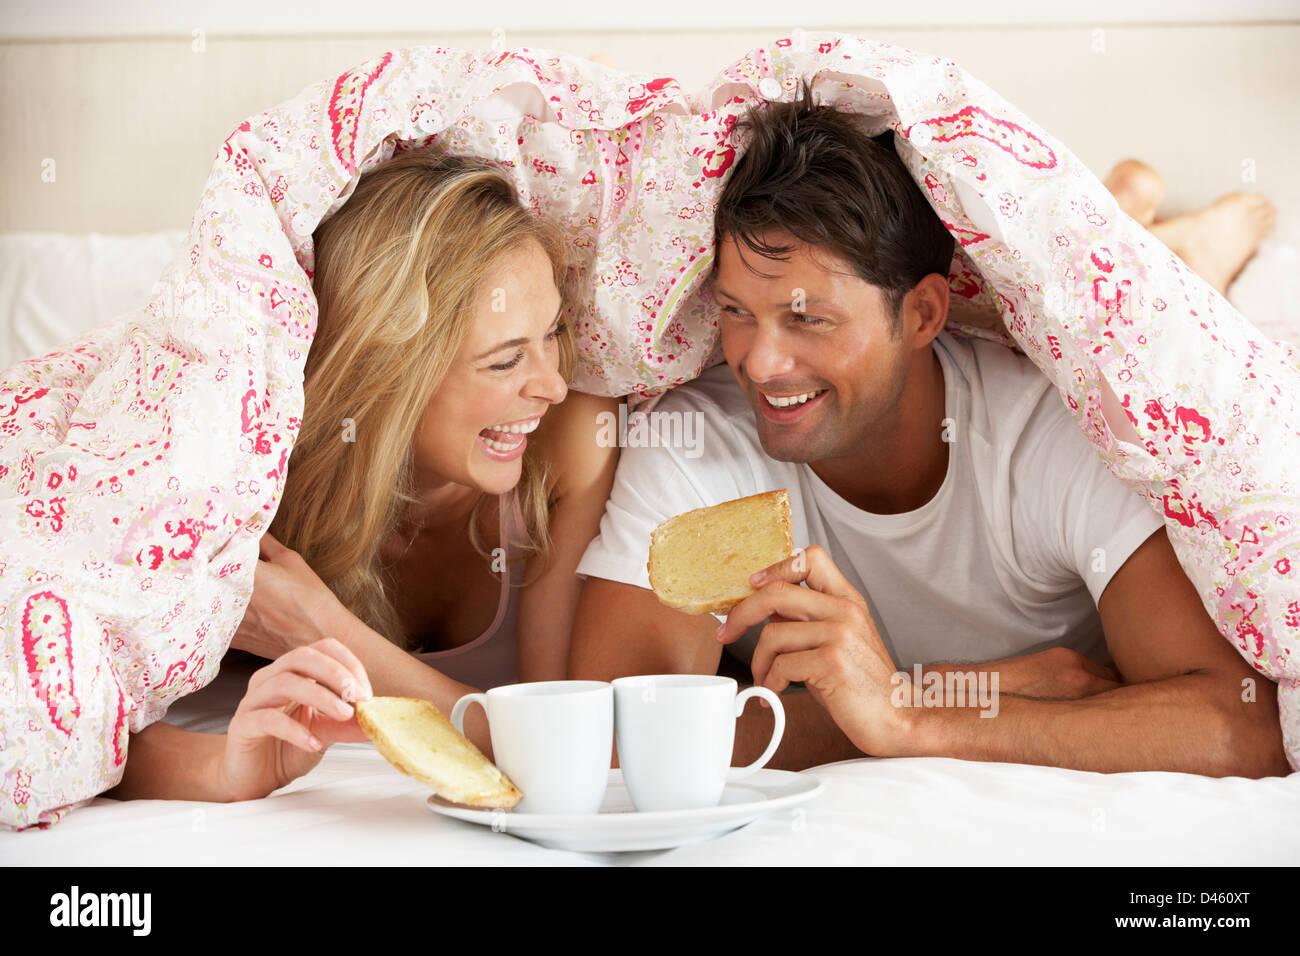 Paar kuschelte sich unter die Bettdecke zu frühstücken Stockfoto